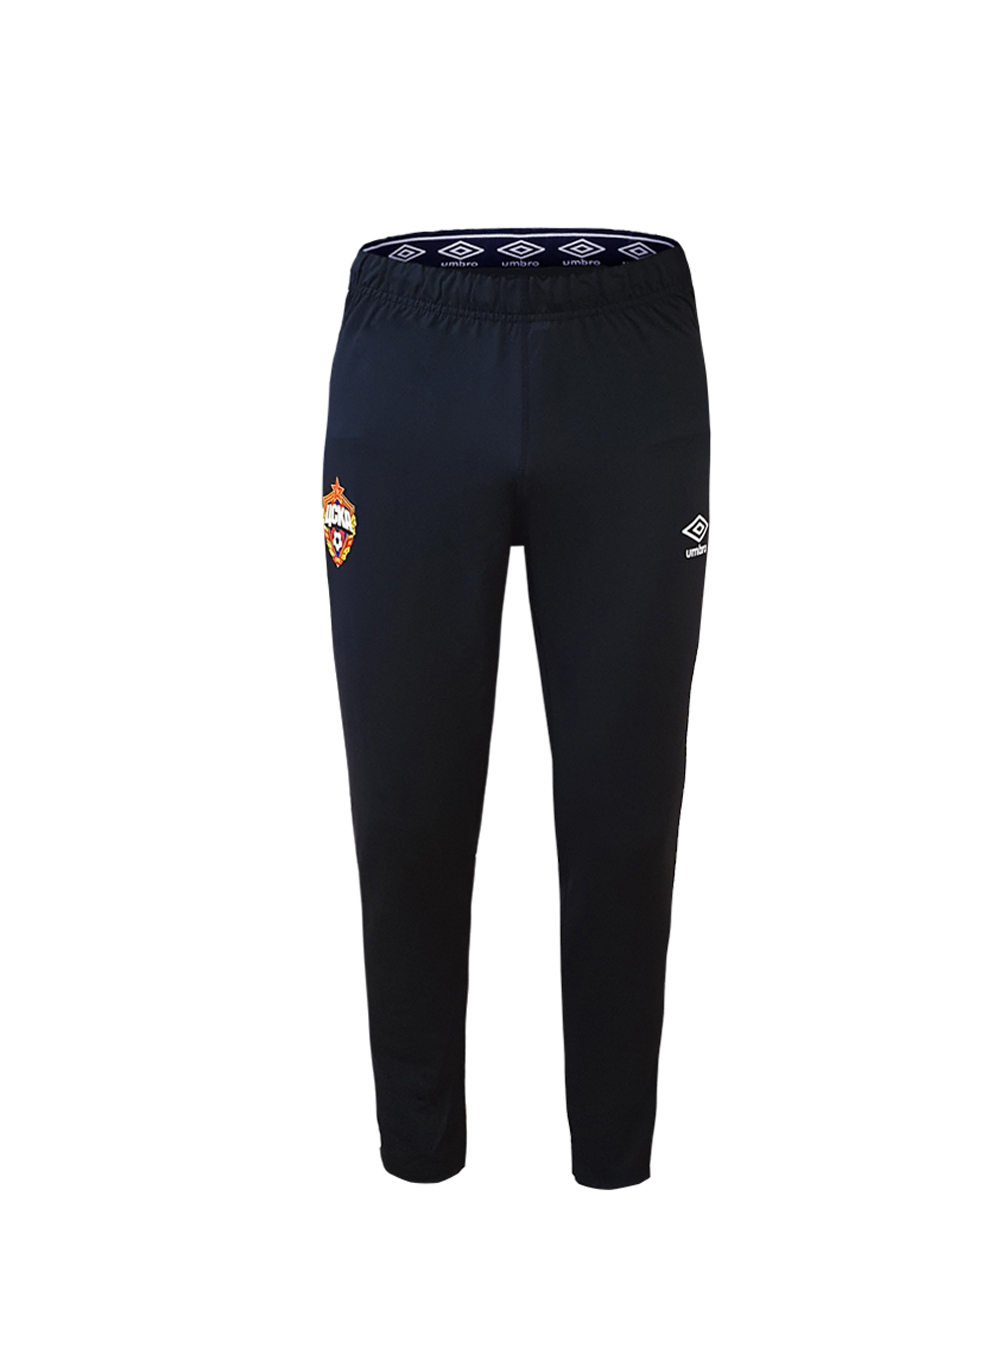 Купить Костюм тренировочный  (брюки зауженные), черный/белый (XL) по Нижнему Новгороду